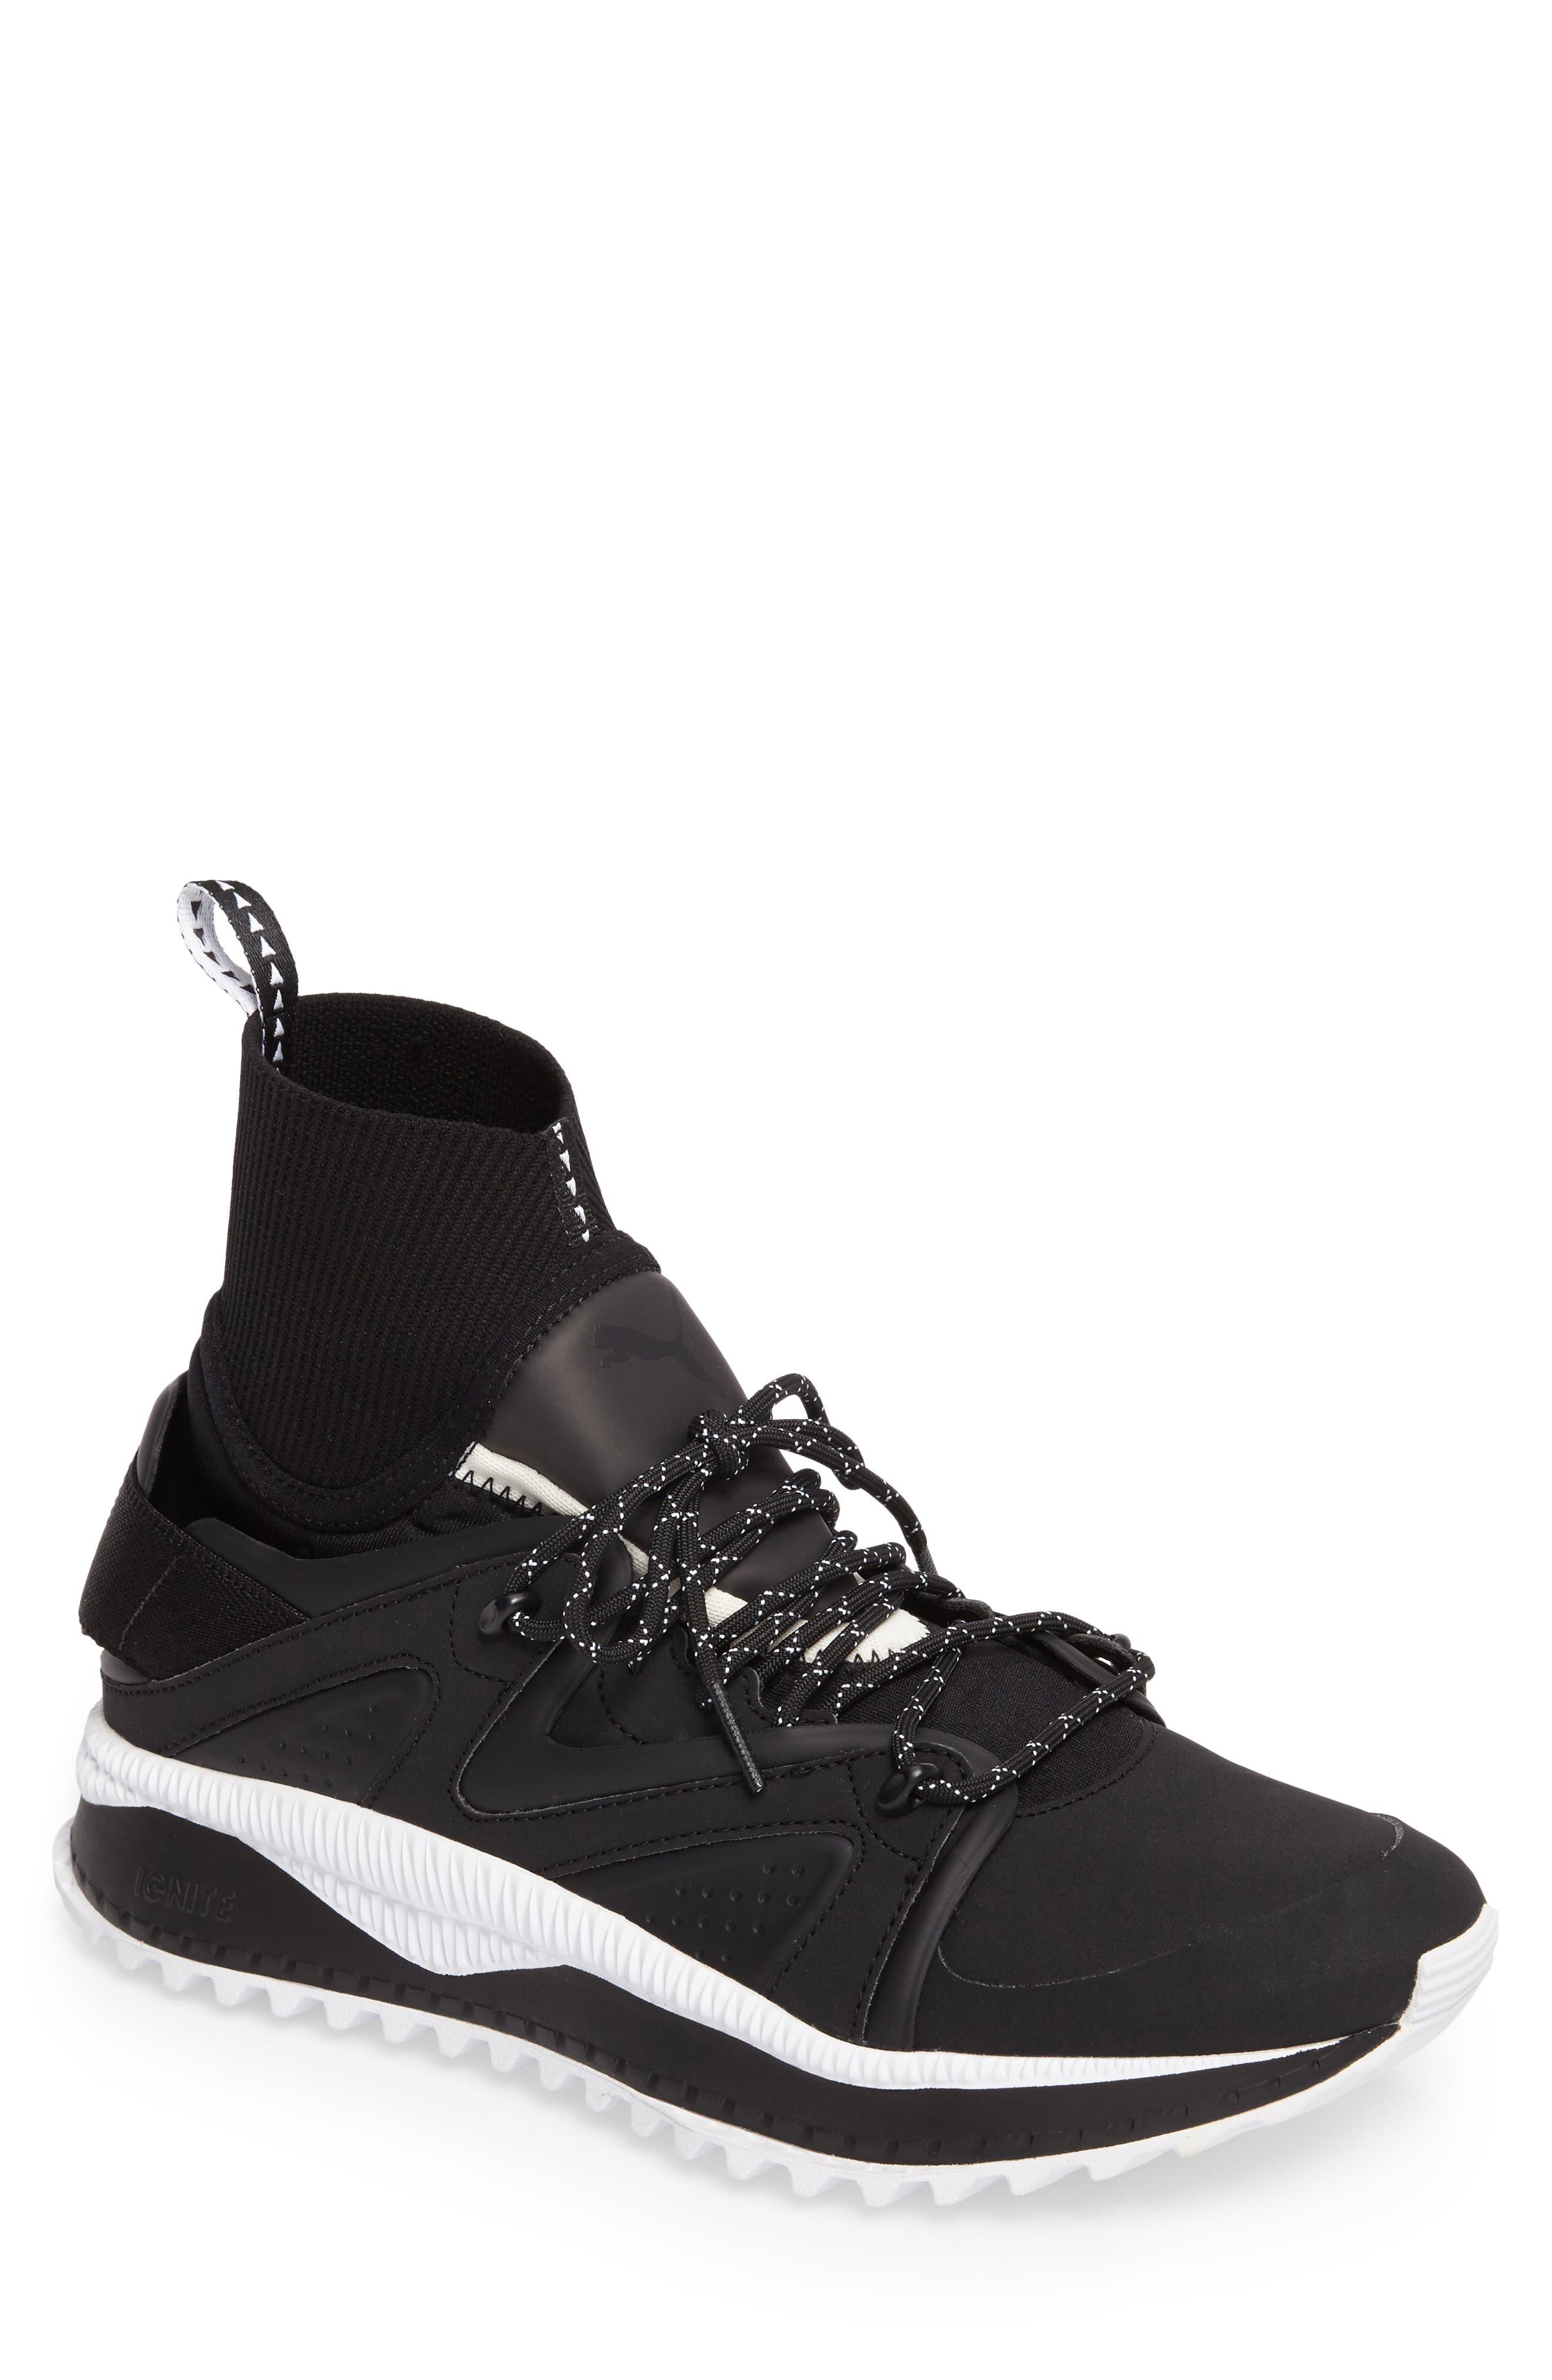 PUMA Tsugi Kori Sneaker (Men)